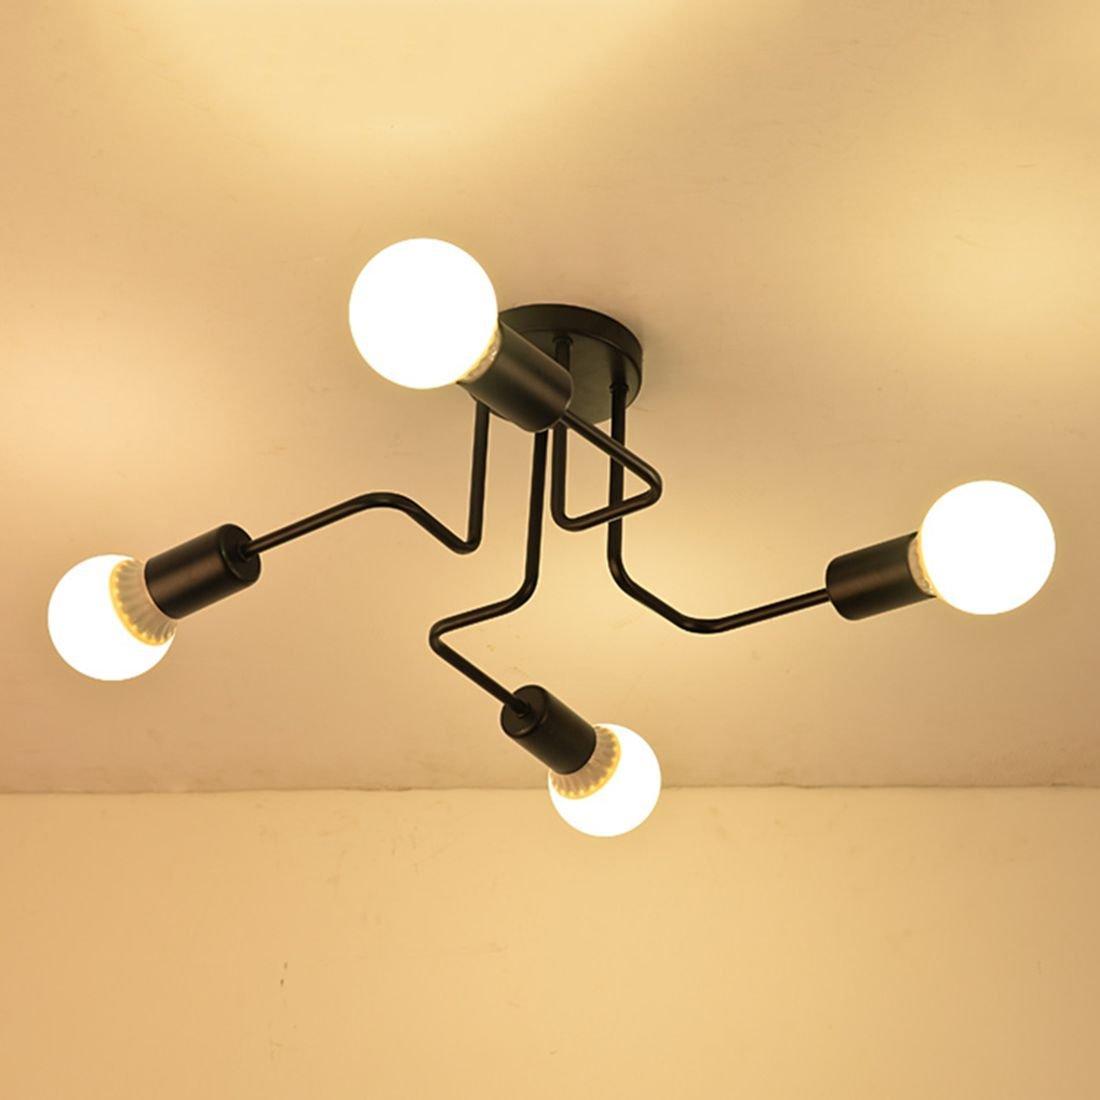 Ruanpu Modern Deckenleuchte Deckenlampe E27 Sockel für Wohnzimmer Schlafzimmer Küche Restaurant Café Hotel Diele Keller Untergeschoss Dekoration (Keine Leuchtmittel)